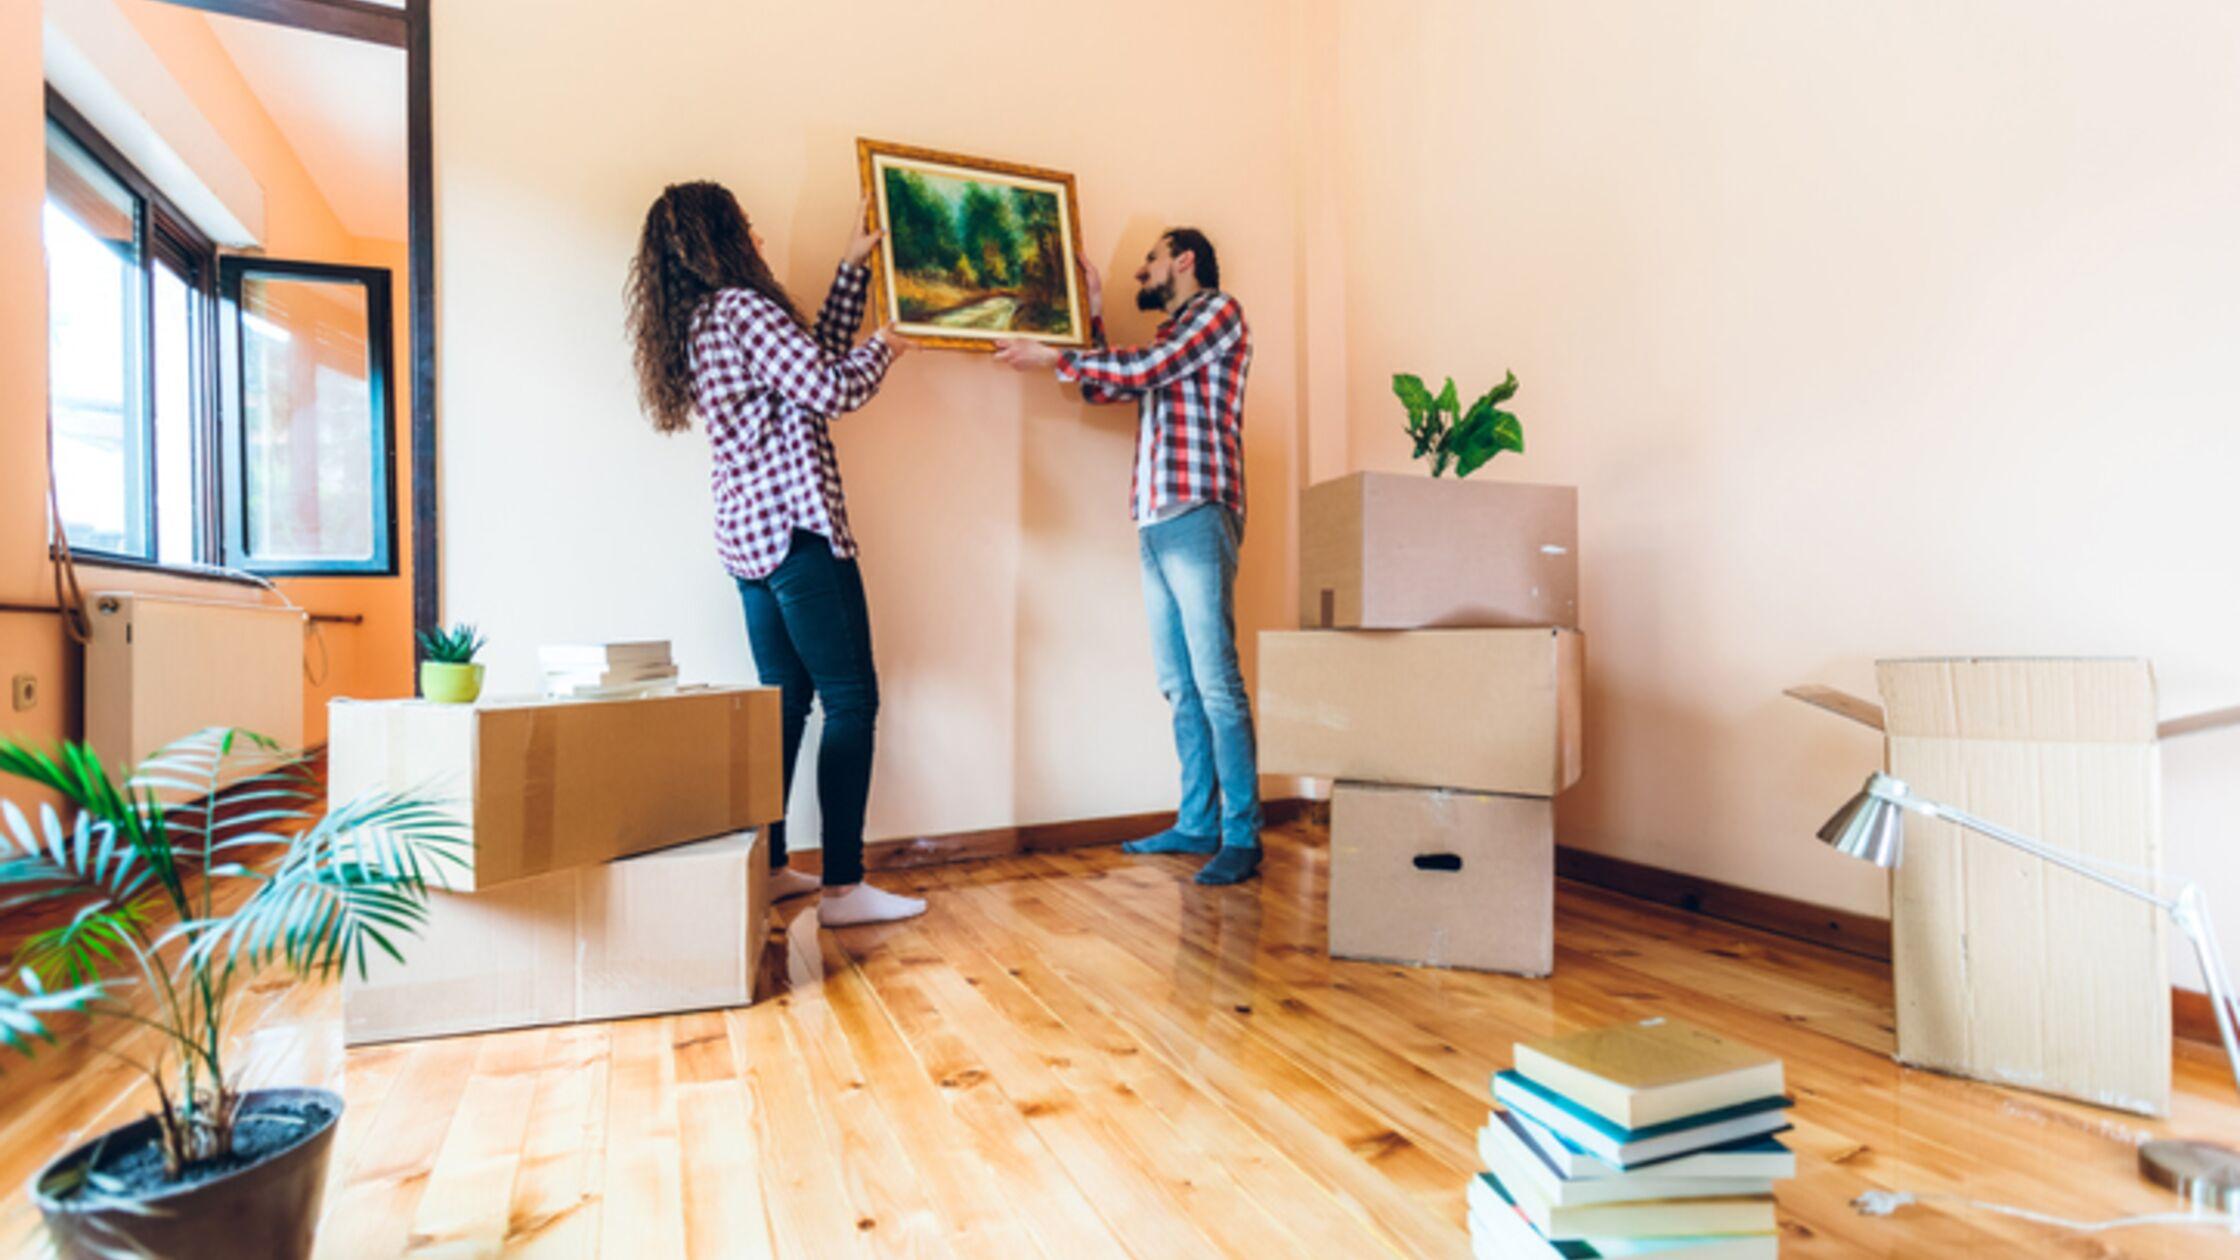 Wandgestaltung nach dem Umzug: Bild aufhängen mit und ohne Bohren